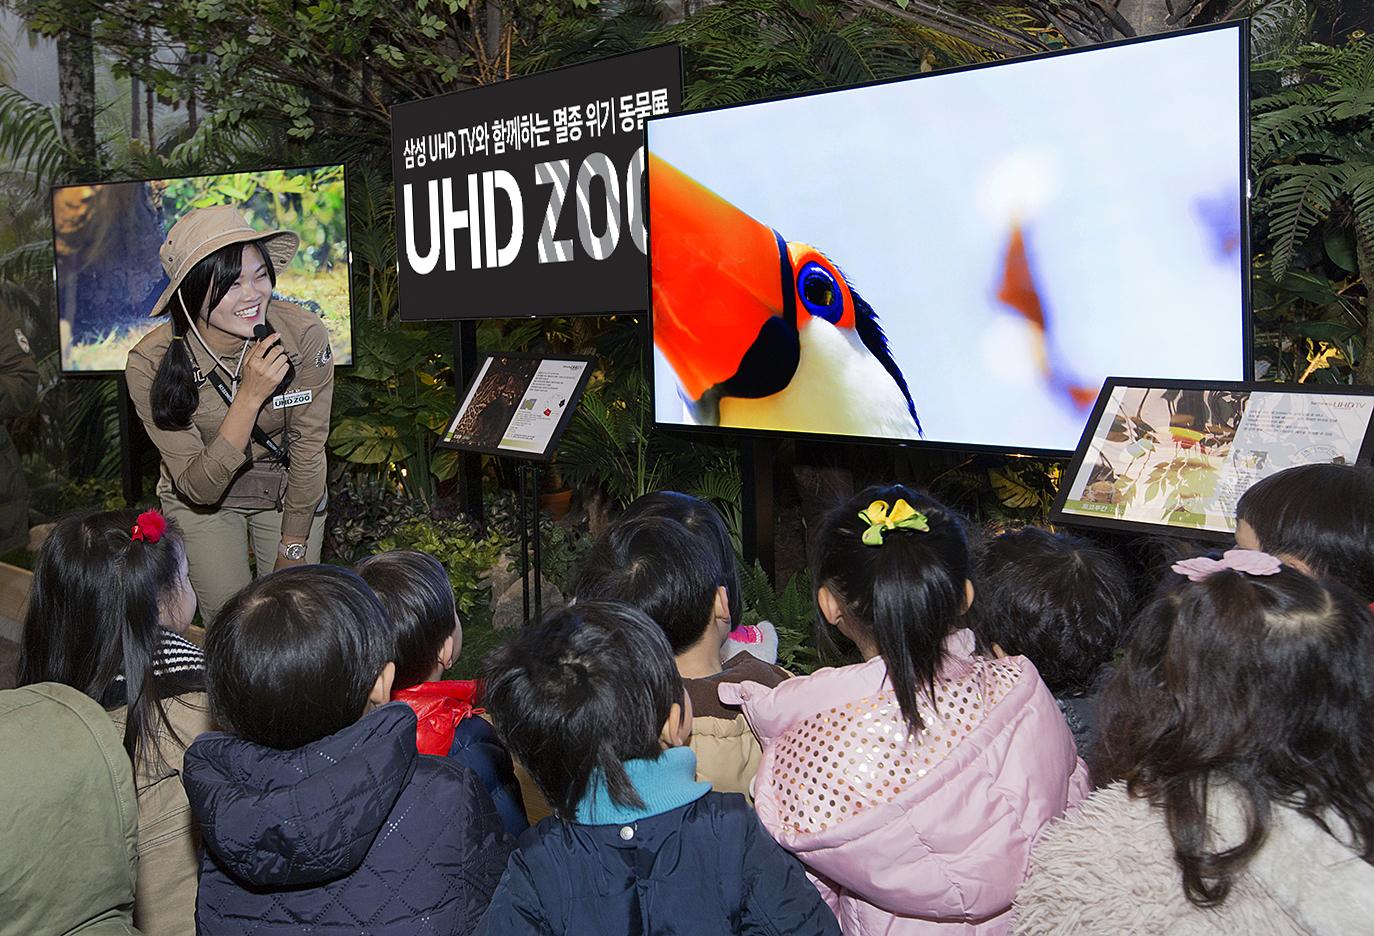 '삼성 UHD TV와 함께 하는 멸종위기동물展'을 방문한 어린이들이동물들에 대한 설명을 듣고 있다.